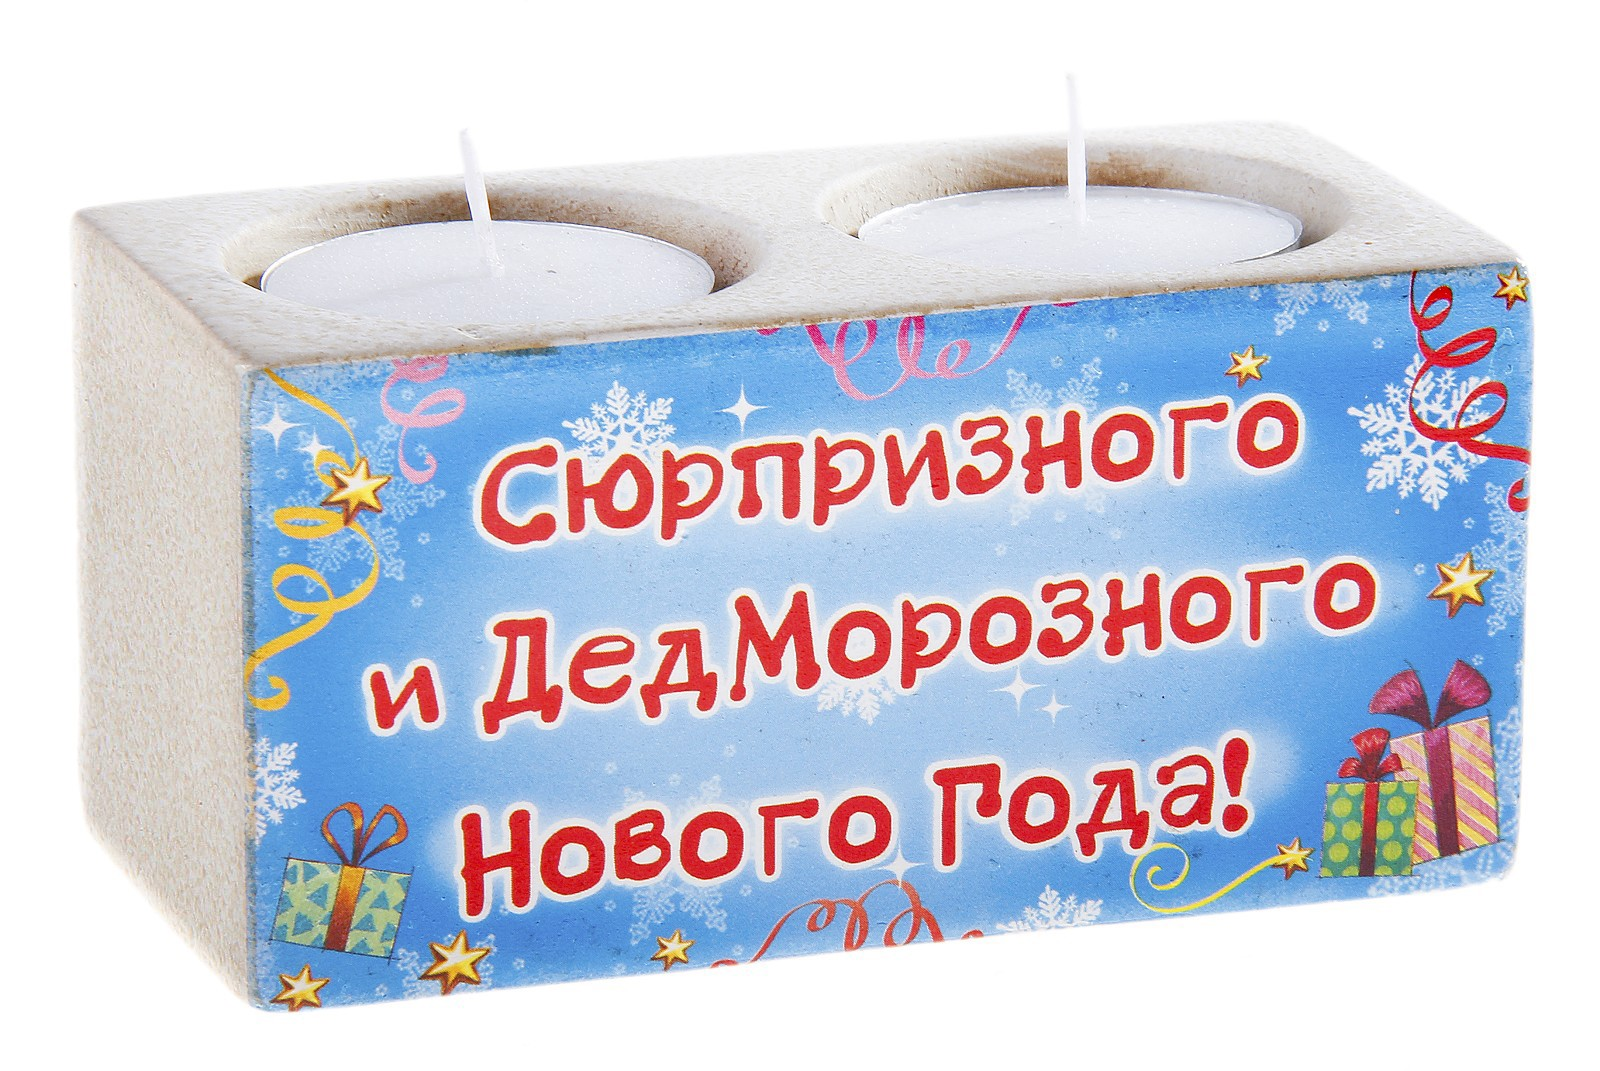 Подсвечник керамический на две свечи Сюрпризного нового года, с двумя свечами. 686646U210DFПрямоугольный подсвечник Сюрпризного нового года, выполненный из керамики, украшен надписями Сюрпризного и ДедМорозного Нового года. Подсвечник рассчитан на две свечи. С таким стильным аксессуаром ваш праздник станет незабываемым. В комплекте - 2 чайные свечки. Характеристики: Материал: керамика. Цвет: голубой, бежевый. Размер подсвечника: 11 см х 5,5 см х 5,5 см. Диаметр свечи: 4 см. Артикул: 686646.